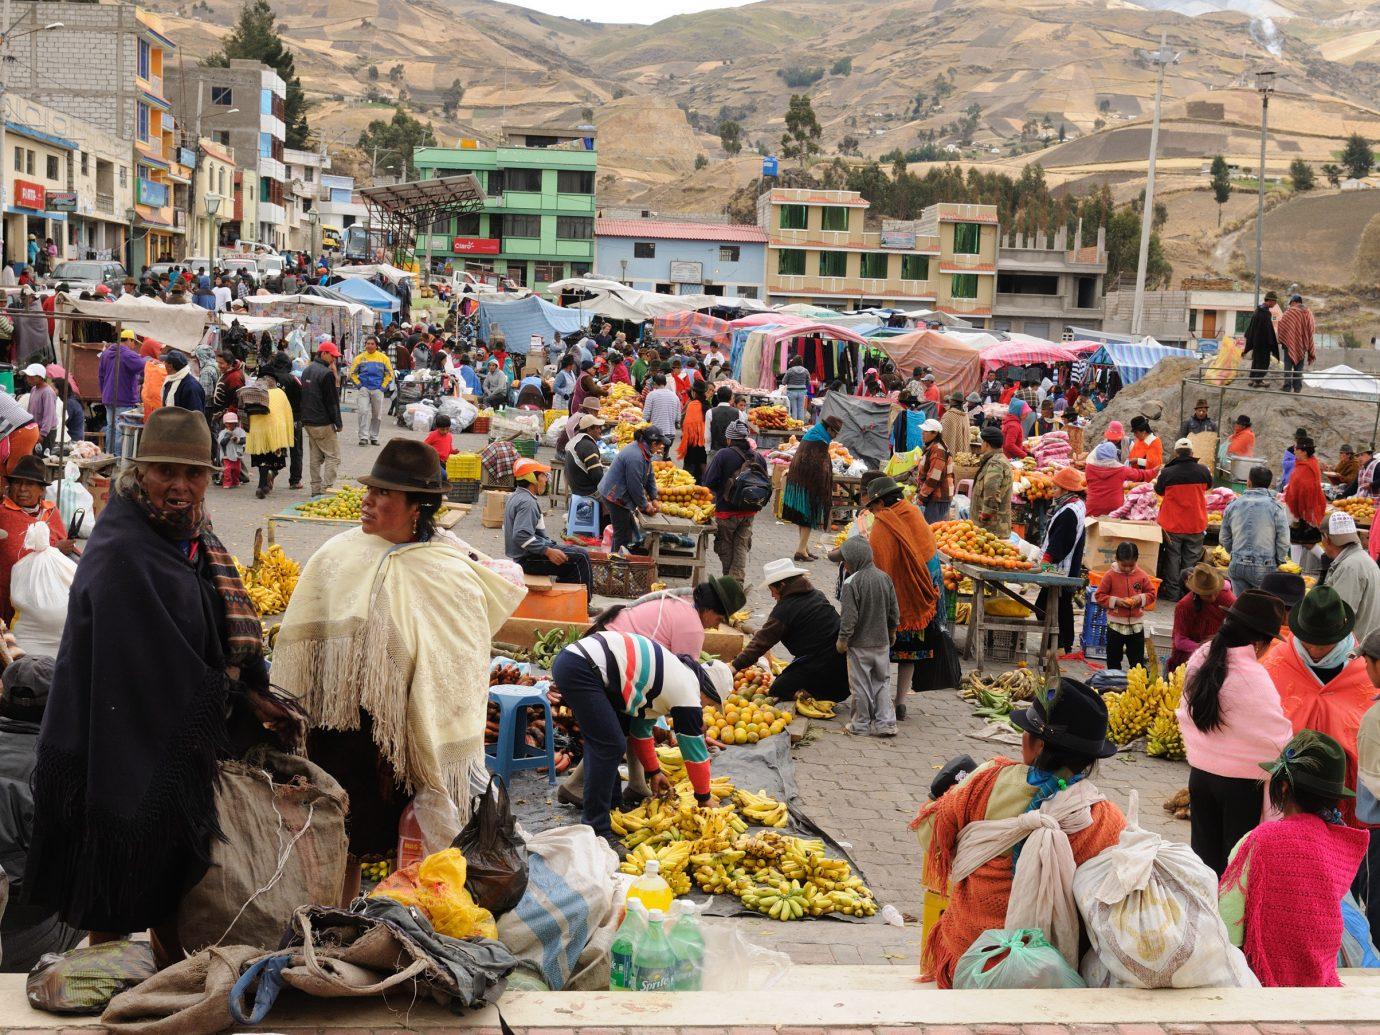 Trip Ideas person crowd marketplace scene people market outdoor City public space mountain human settlement vendor bazaar tourism group